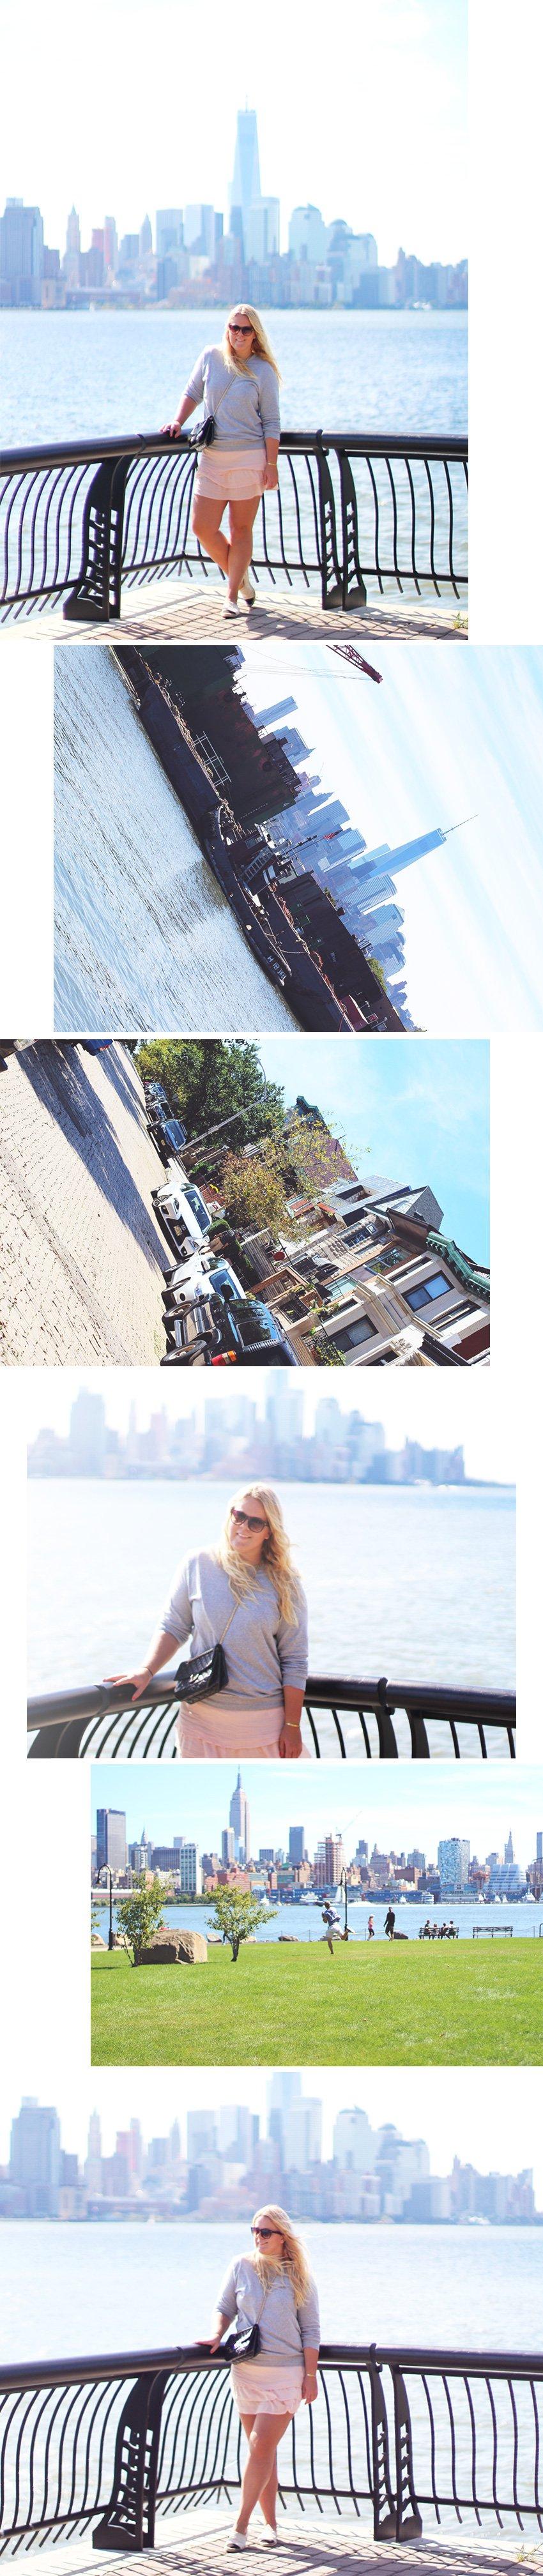 Om at være ude og hjemme på samme tid <i>en søndag i Hoboken</i>